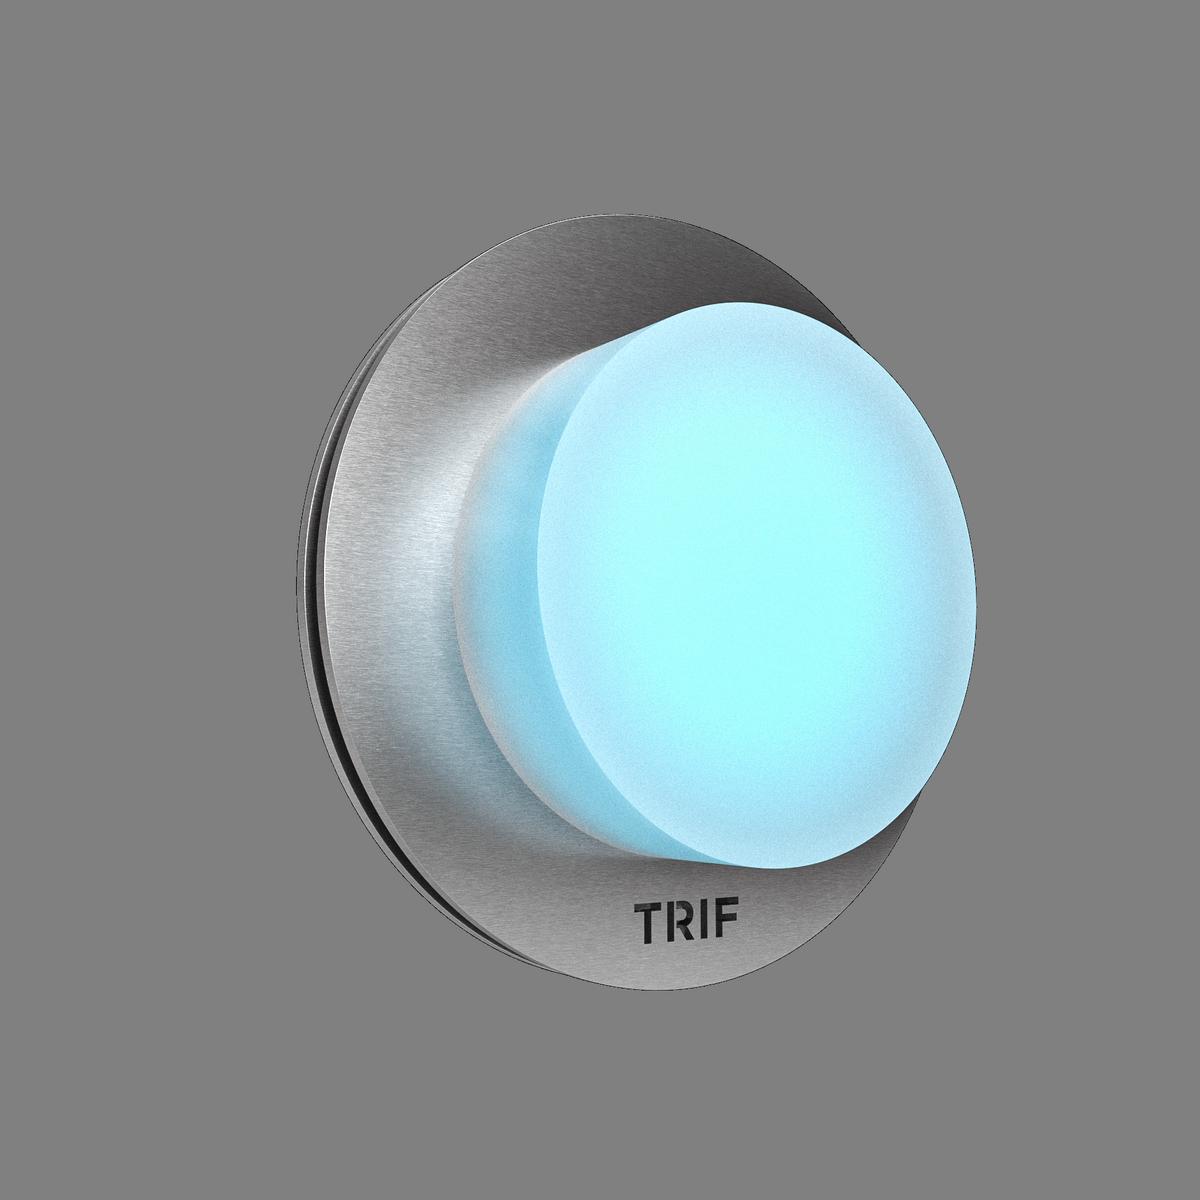 светильник TRIF  ROOF ROUND для наружного и для внутреннего освещения на заказ